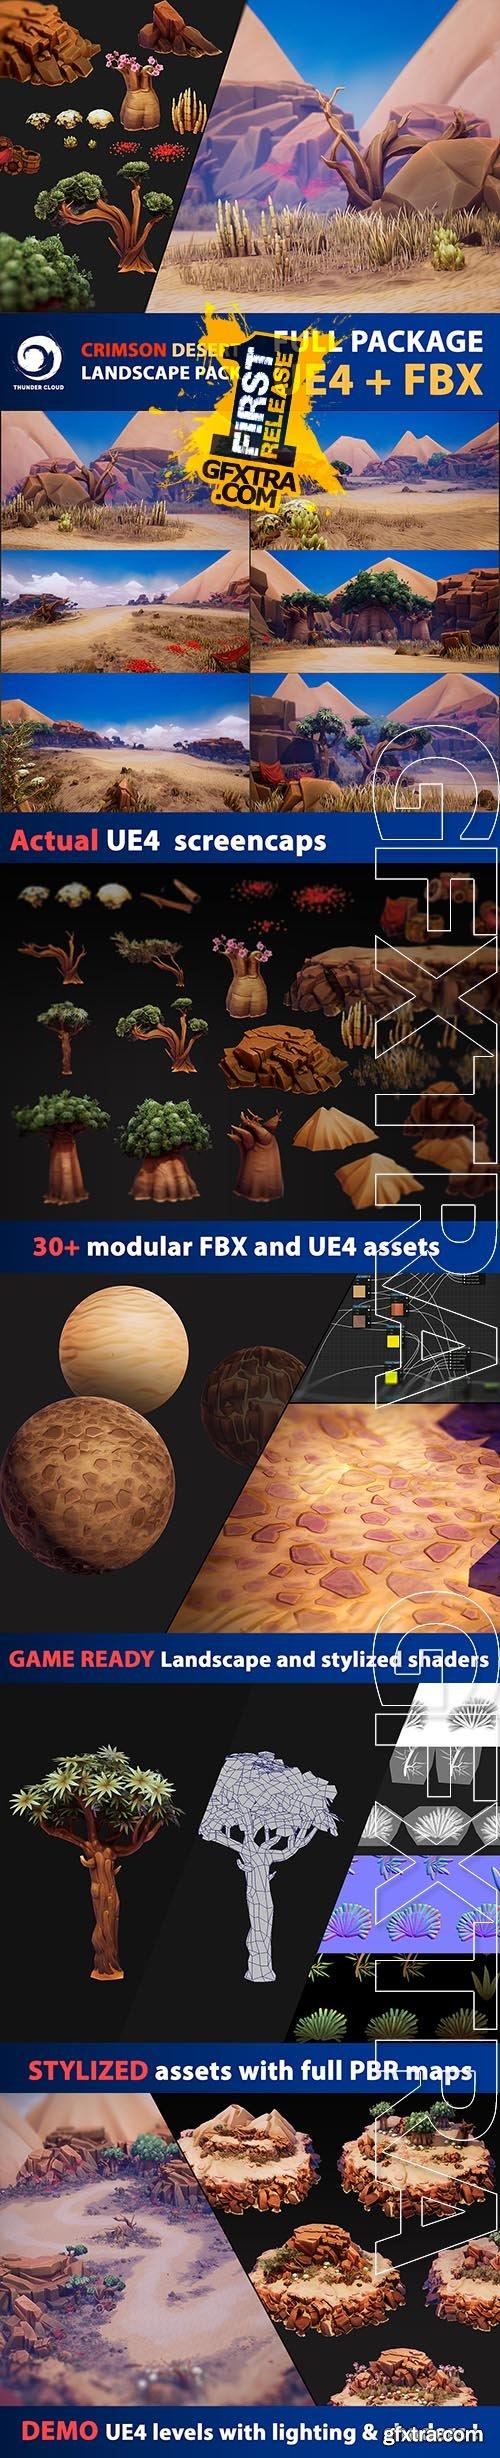 Cubebrush - Crimson Desert Landscape -Full package UE4 and FBX